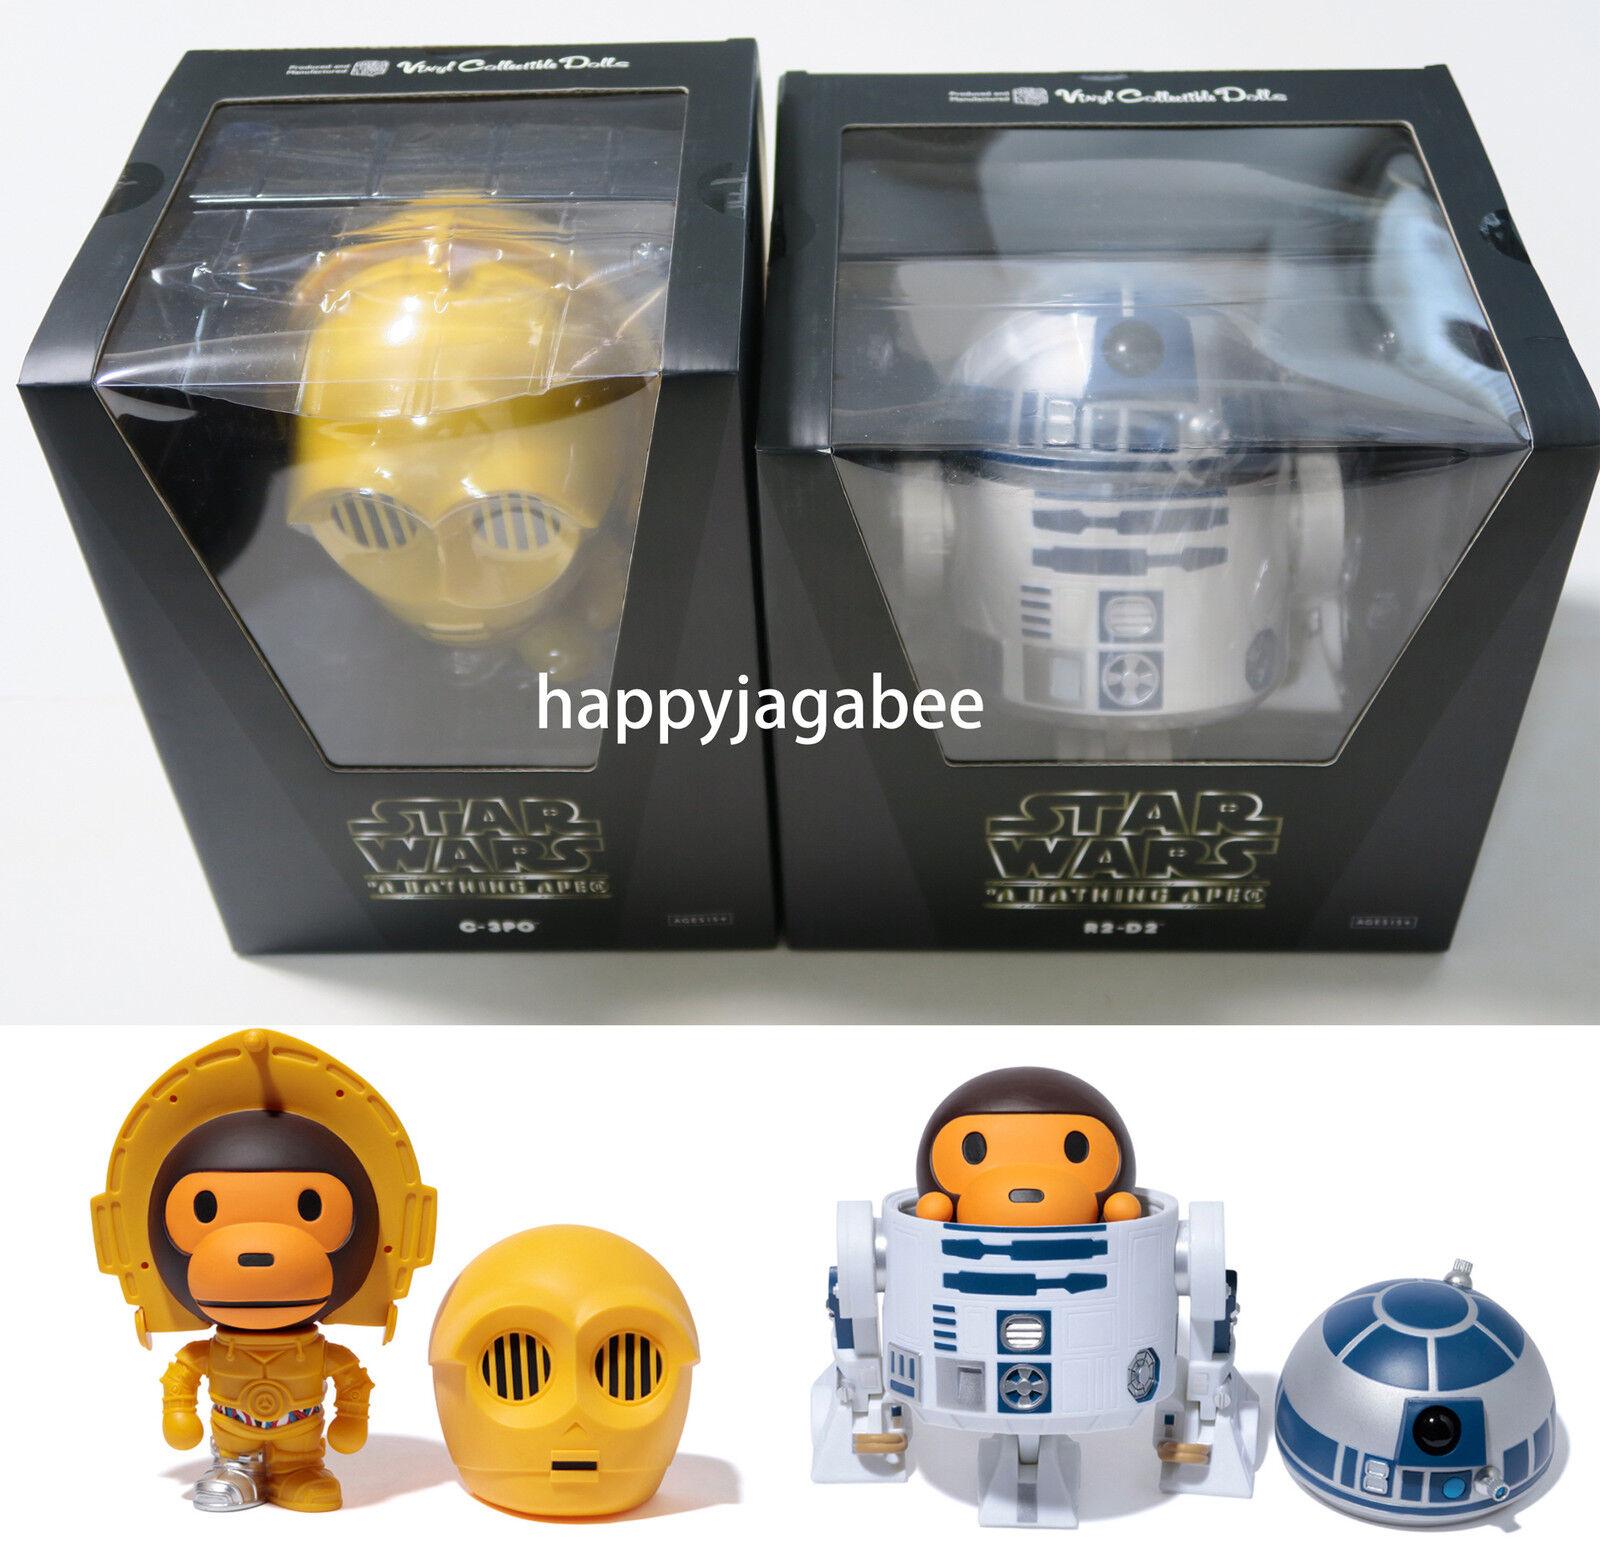 A BATHING APE x estrella guerras  bambino MILO VCD C-3PO R2-D2 cifra Sets Goods Japan nuovo  autorizzazione